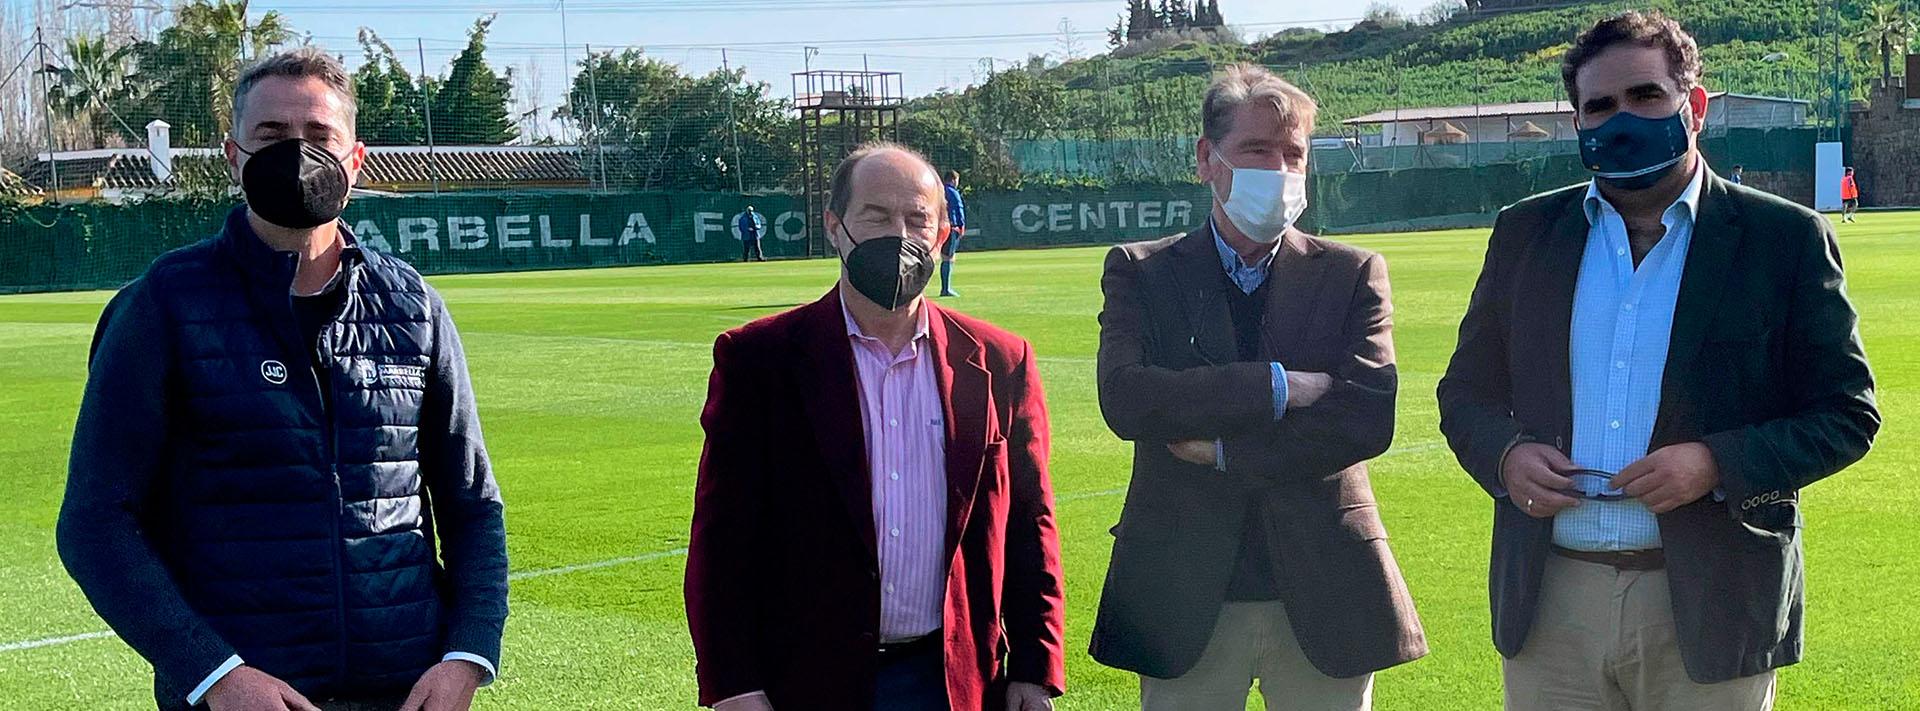 El Consistorio alcanza un acuerdo con Marbella Football Center situado en San Pedro Alcántara